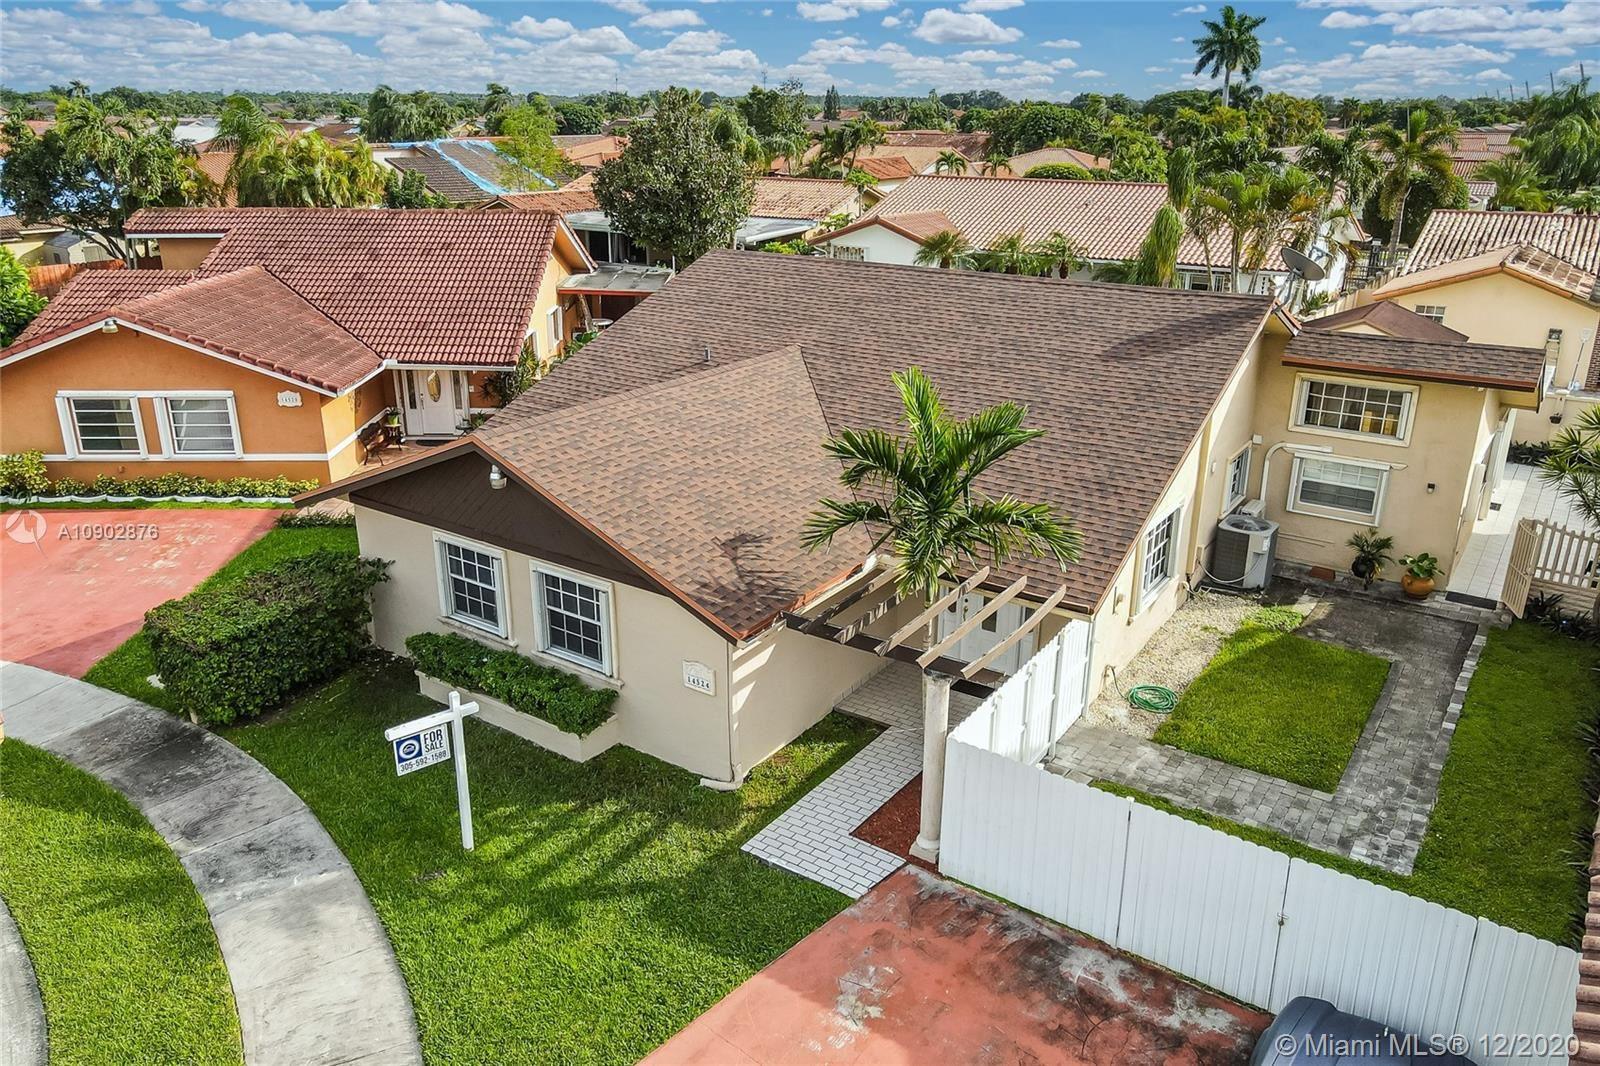 14524 SW 107th Ter, Miami, FL 33186 - #: A10902876